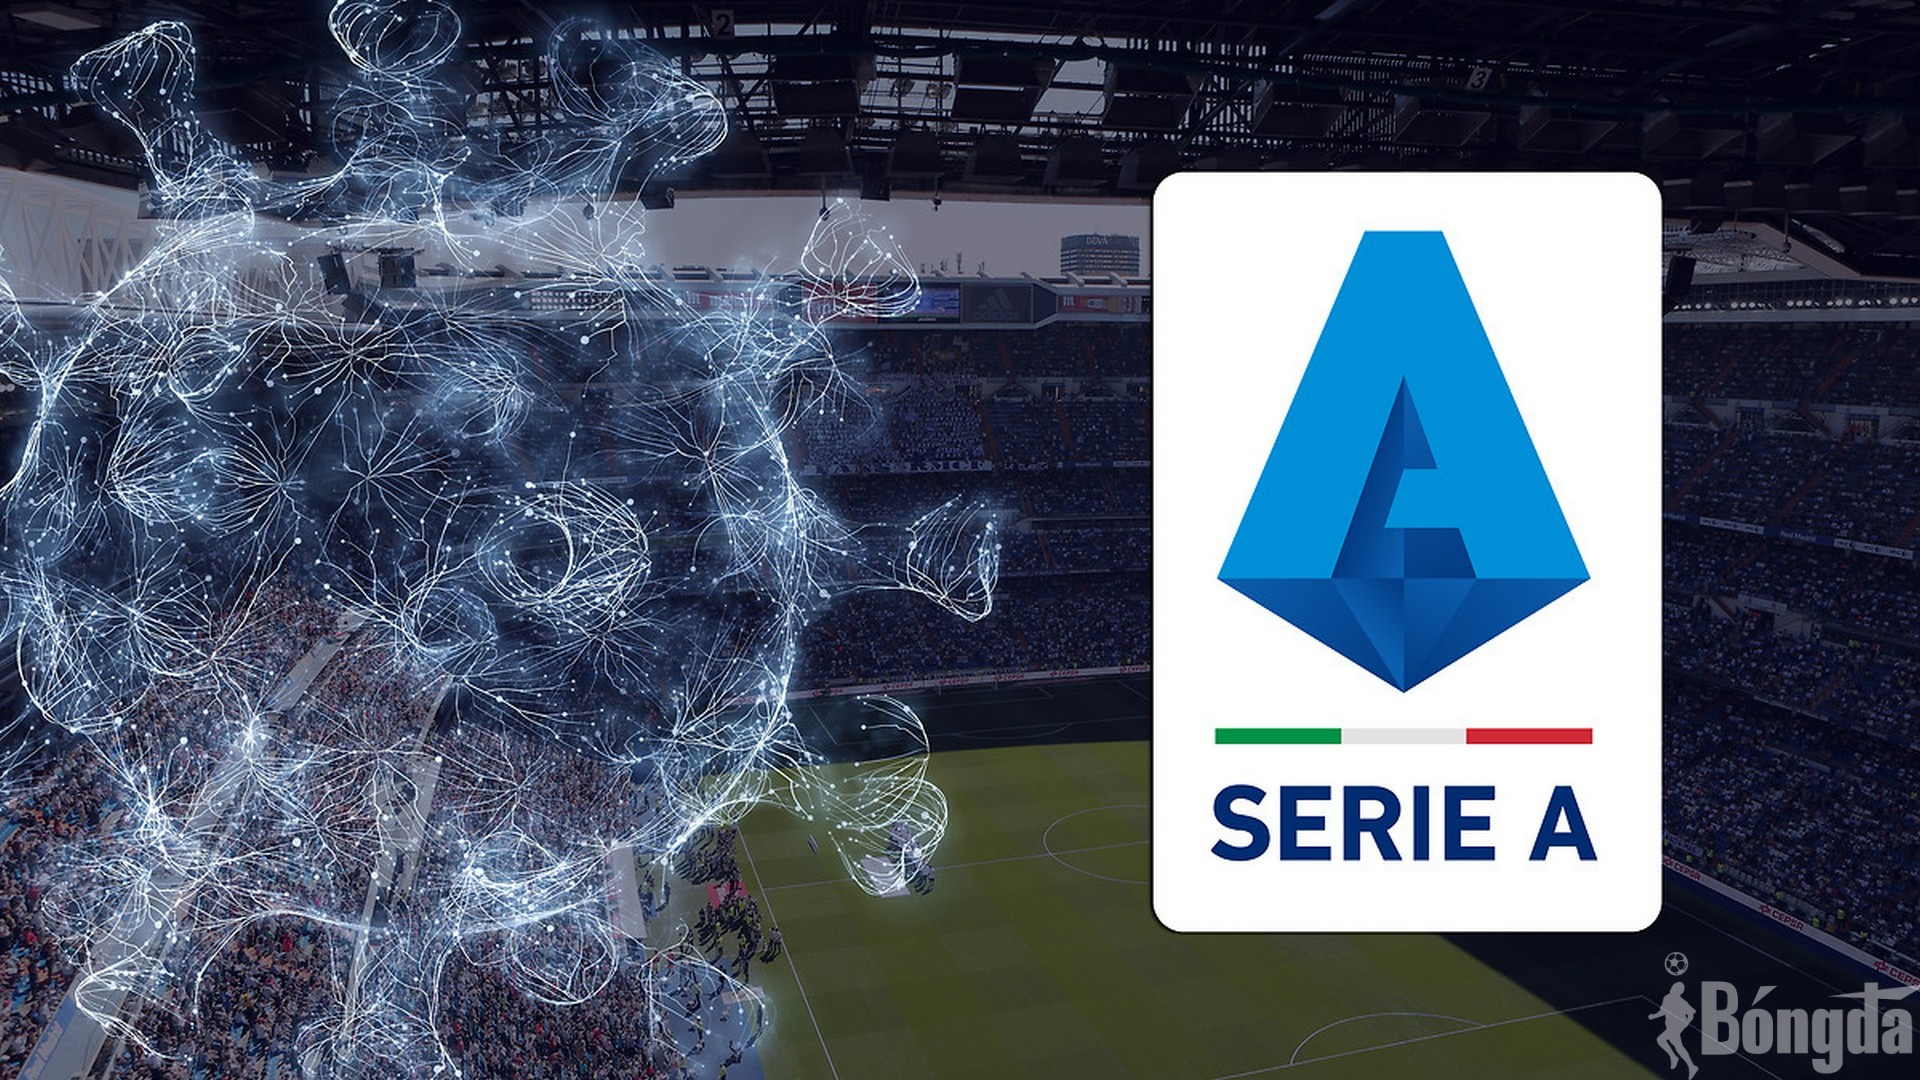 Serie A 2020/21: Tổng hợp sự kiện nổi bật nhất bóng đá Ý (Phần 2)